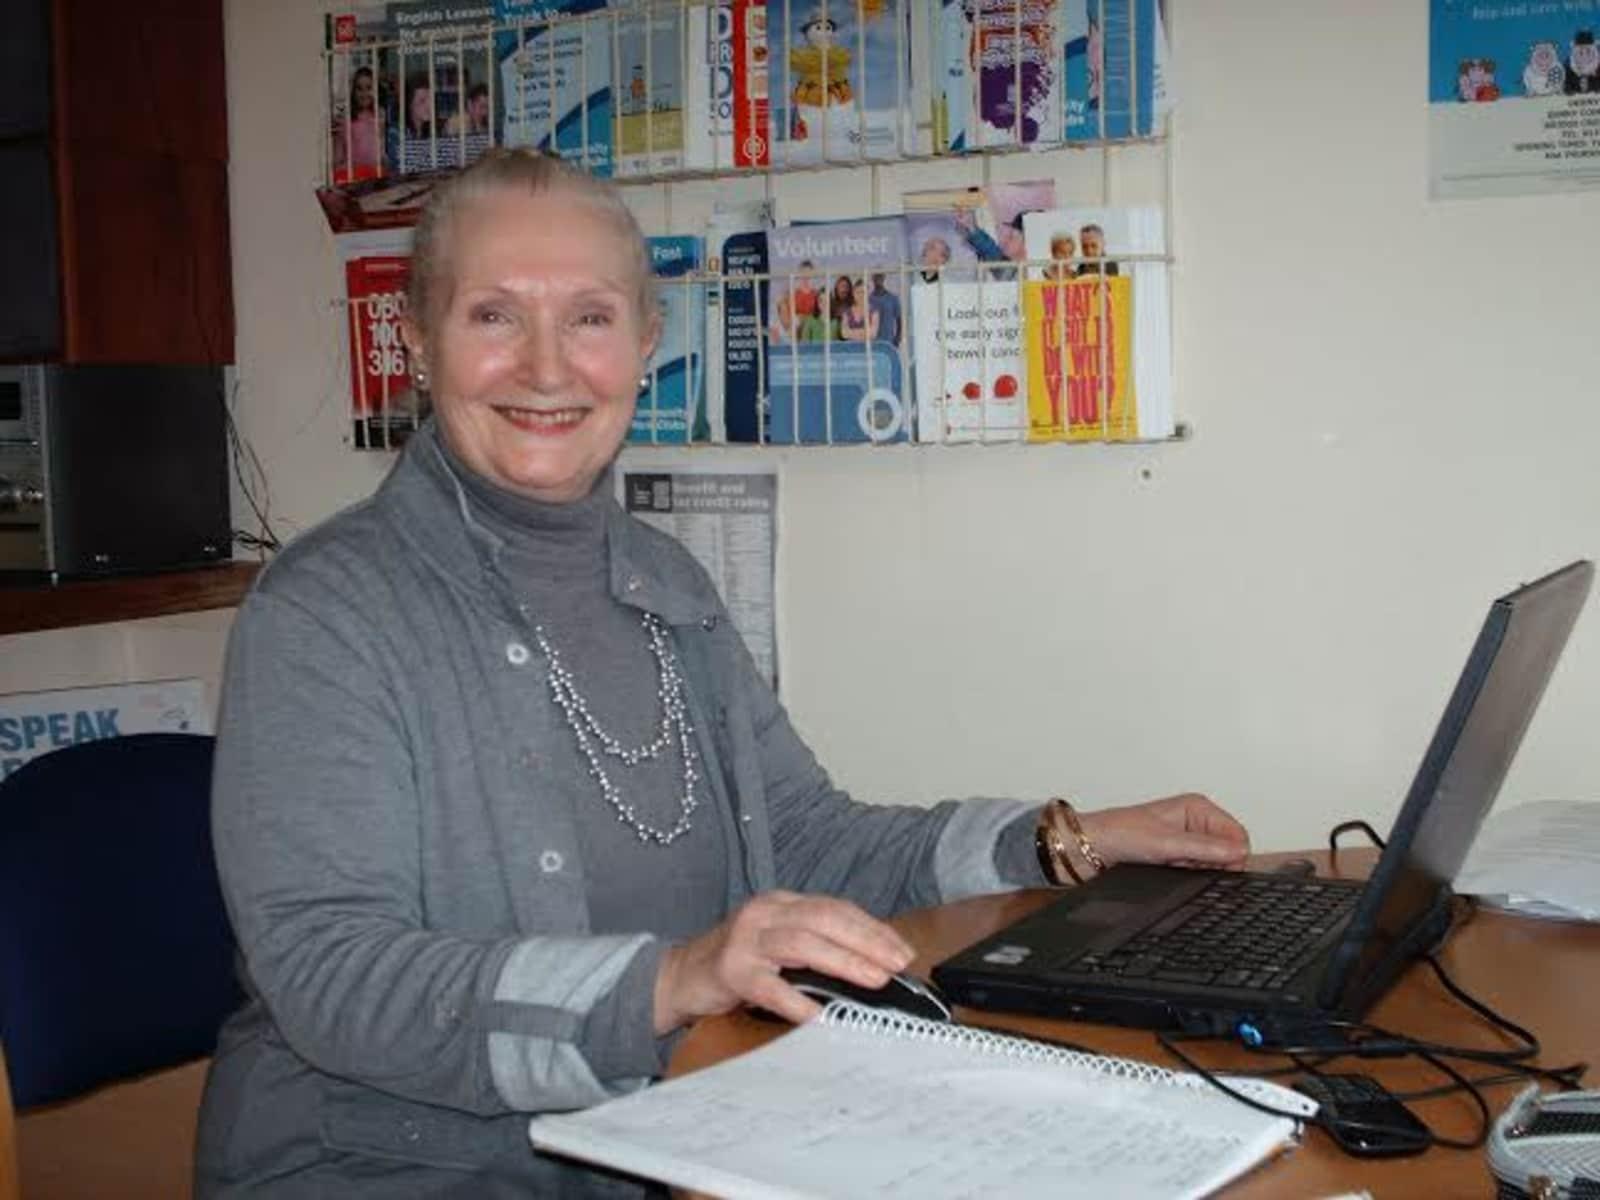 Mary from Edinburgh, United Kingdom